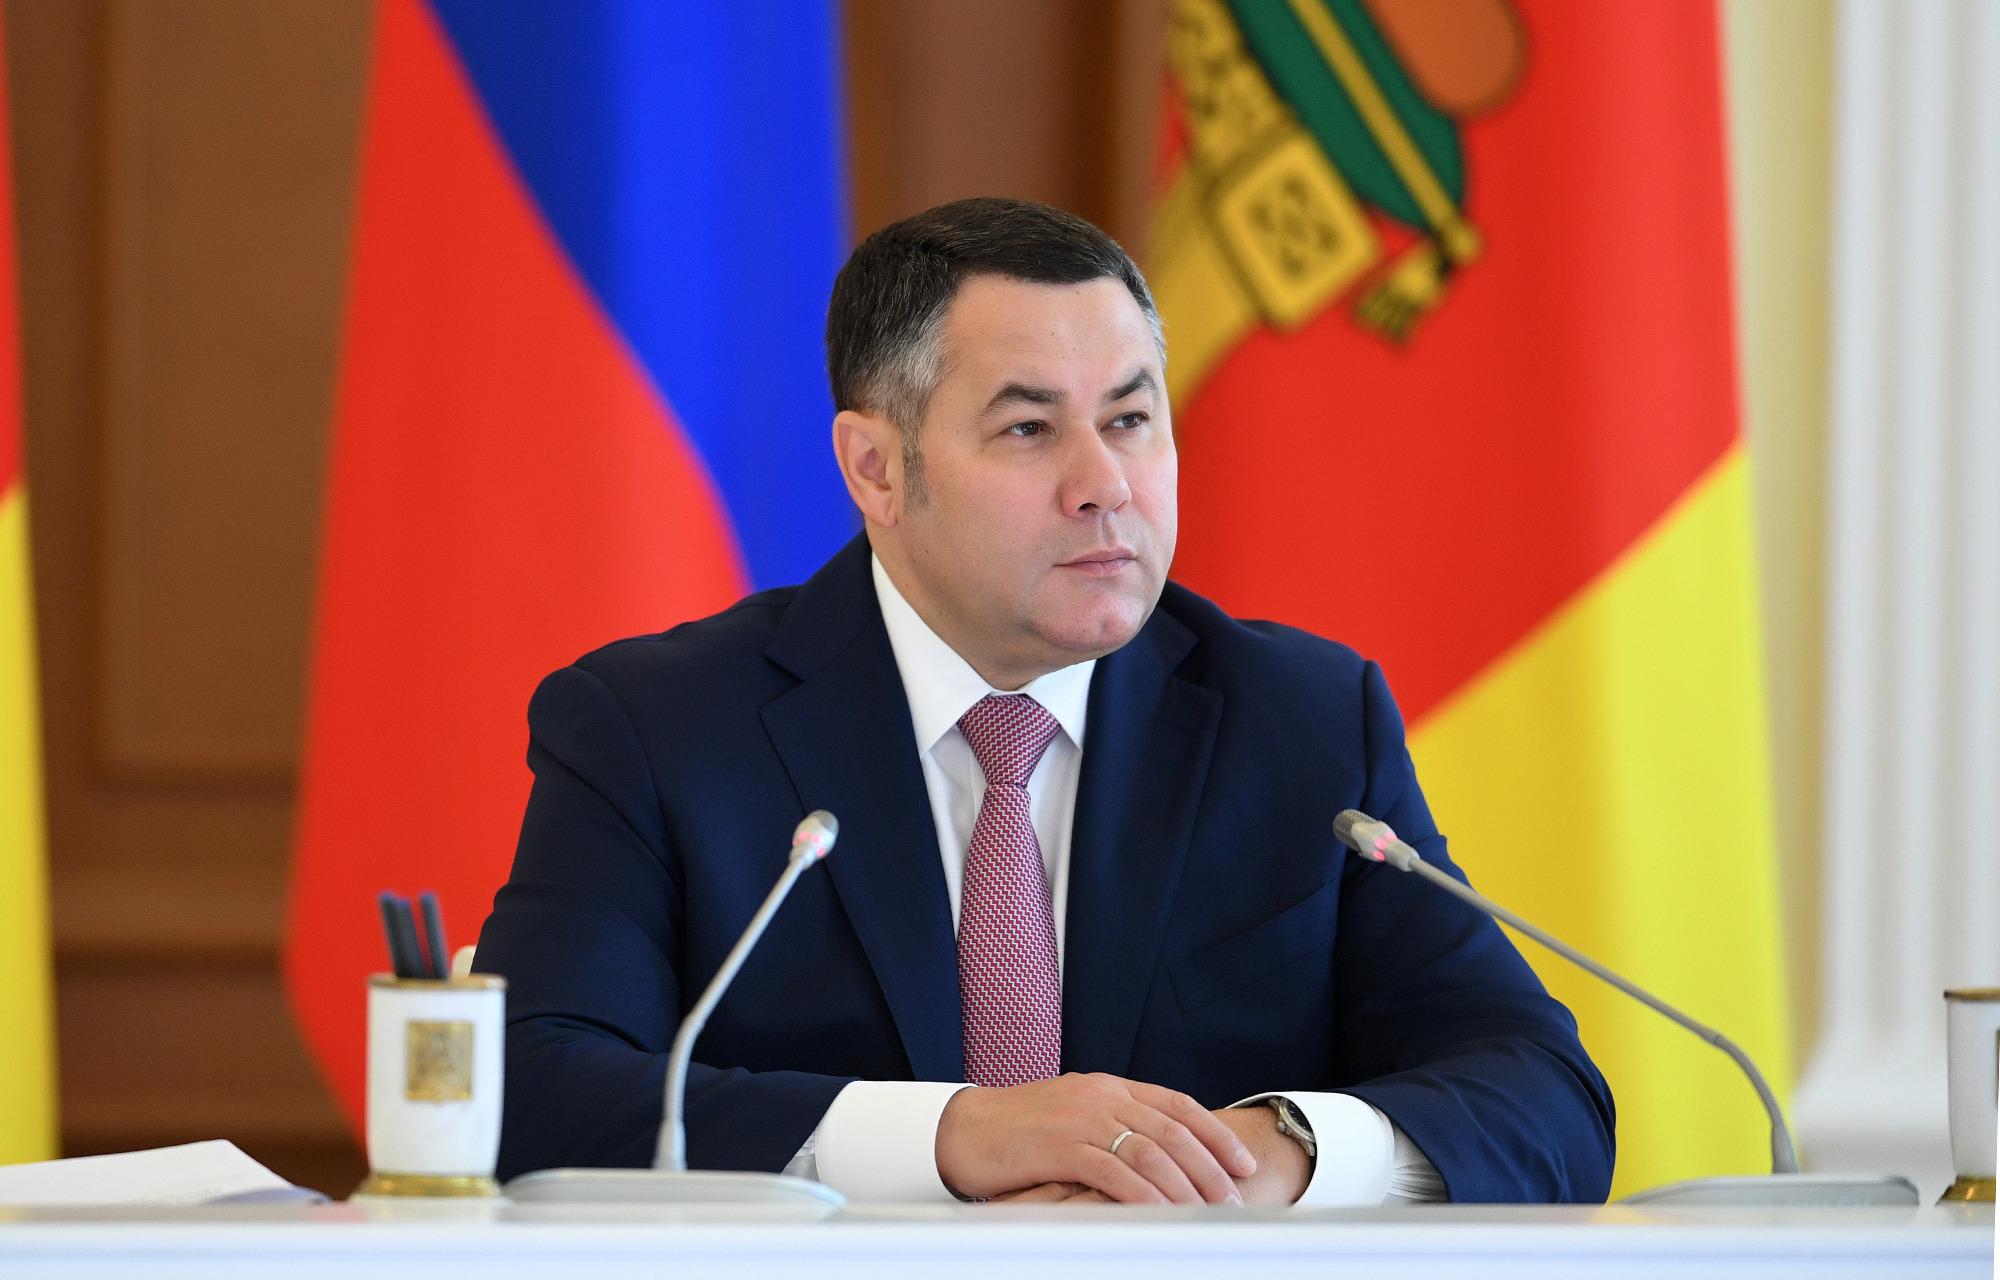 Игорь Руденя занял 2-е место среди губернаторов ЦФО по качеству ответов на обращения граждан